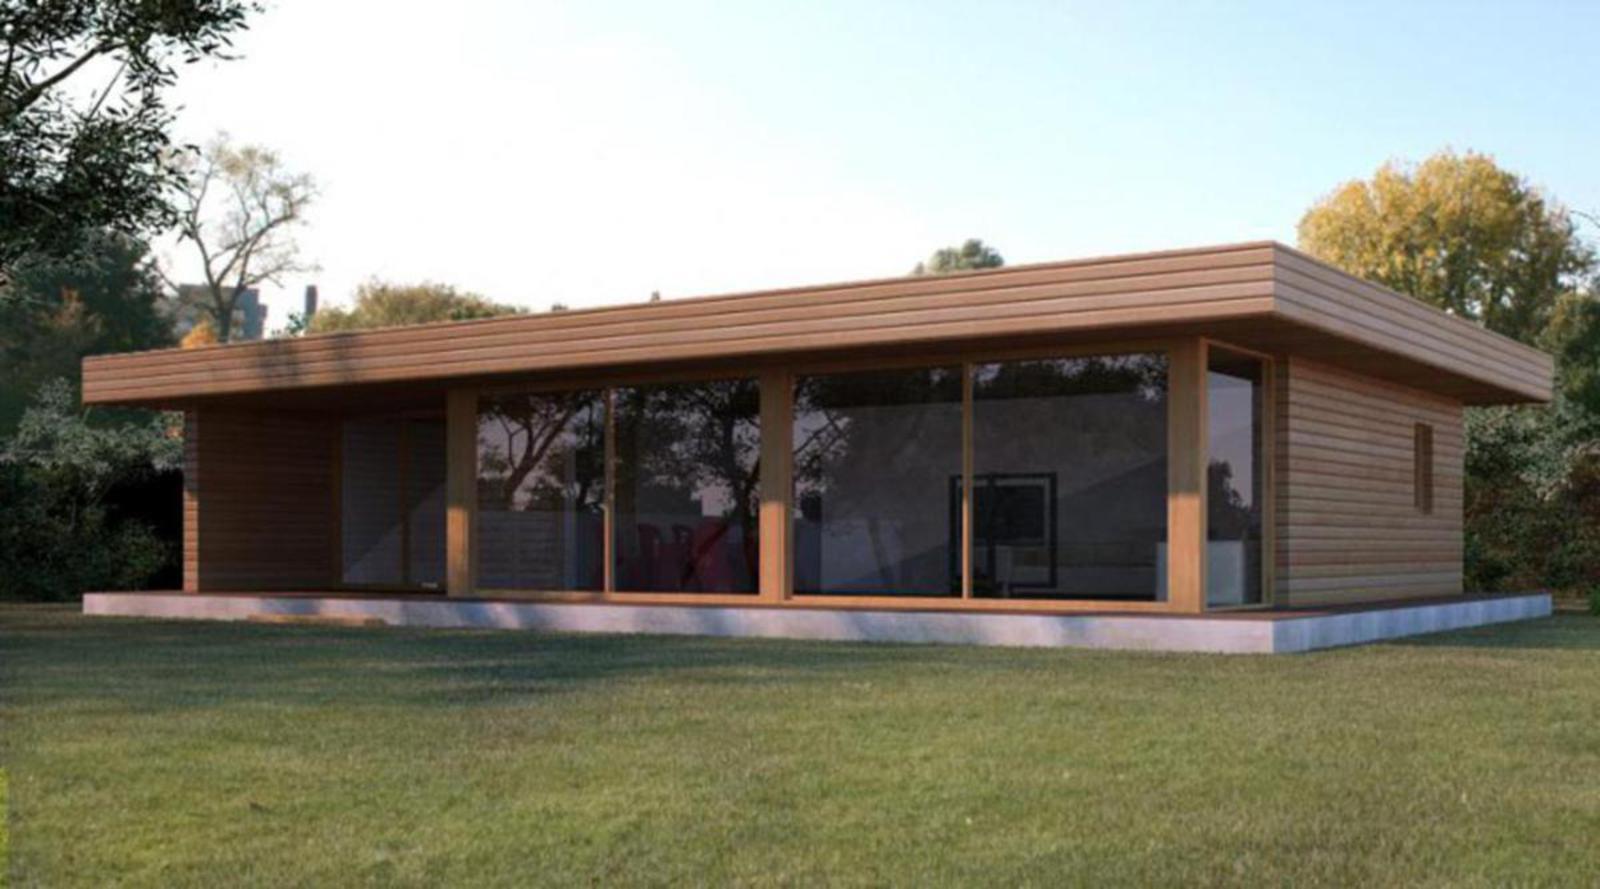 Bungalows modulares a medida? - Casas de Madera y bungalows en ...